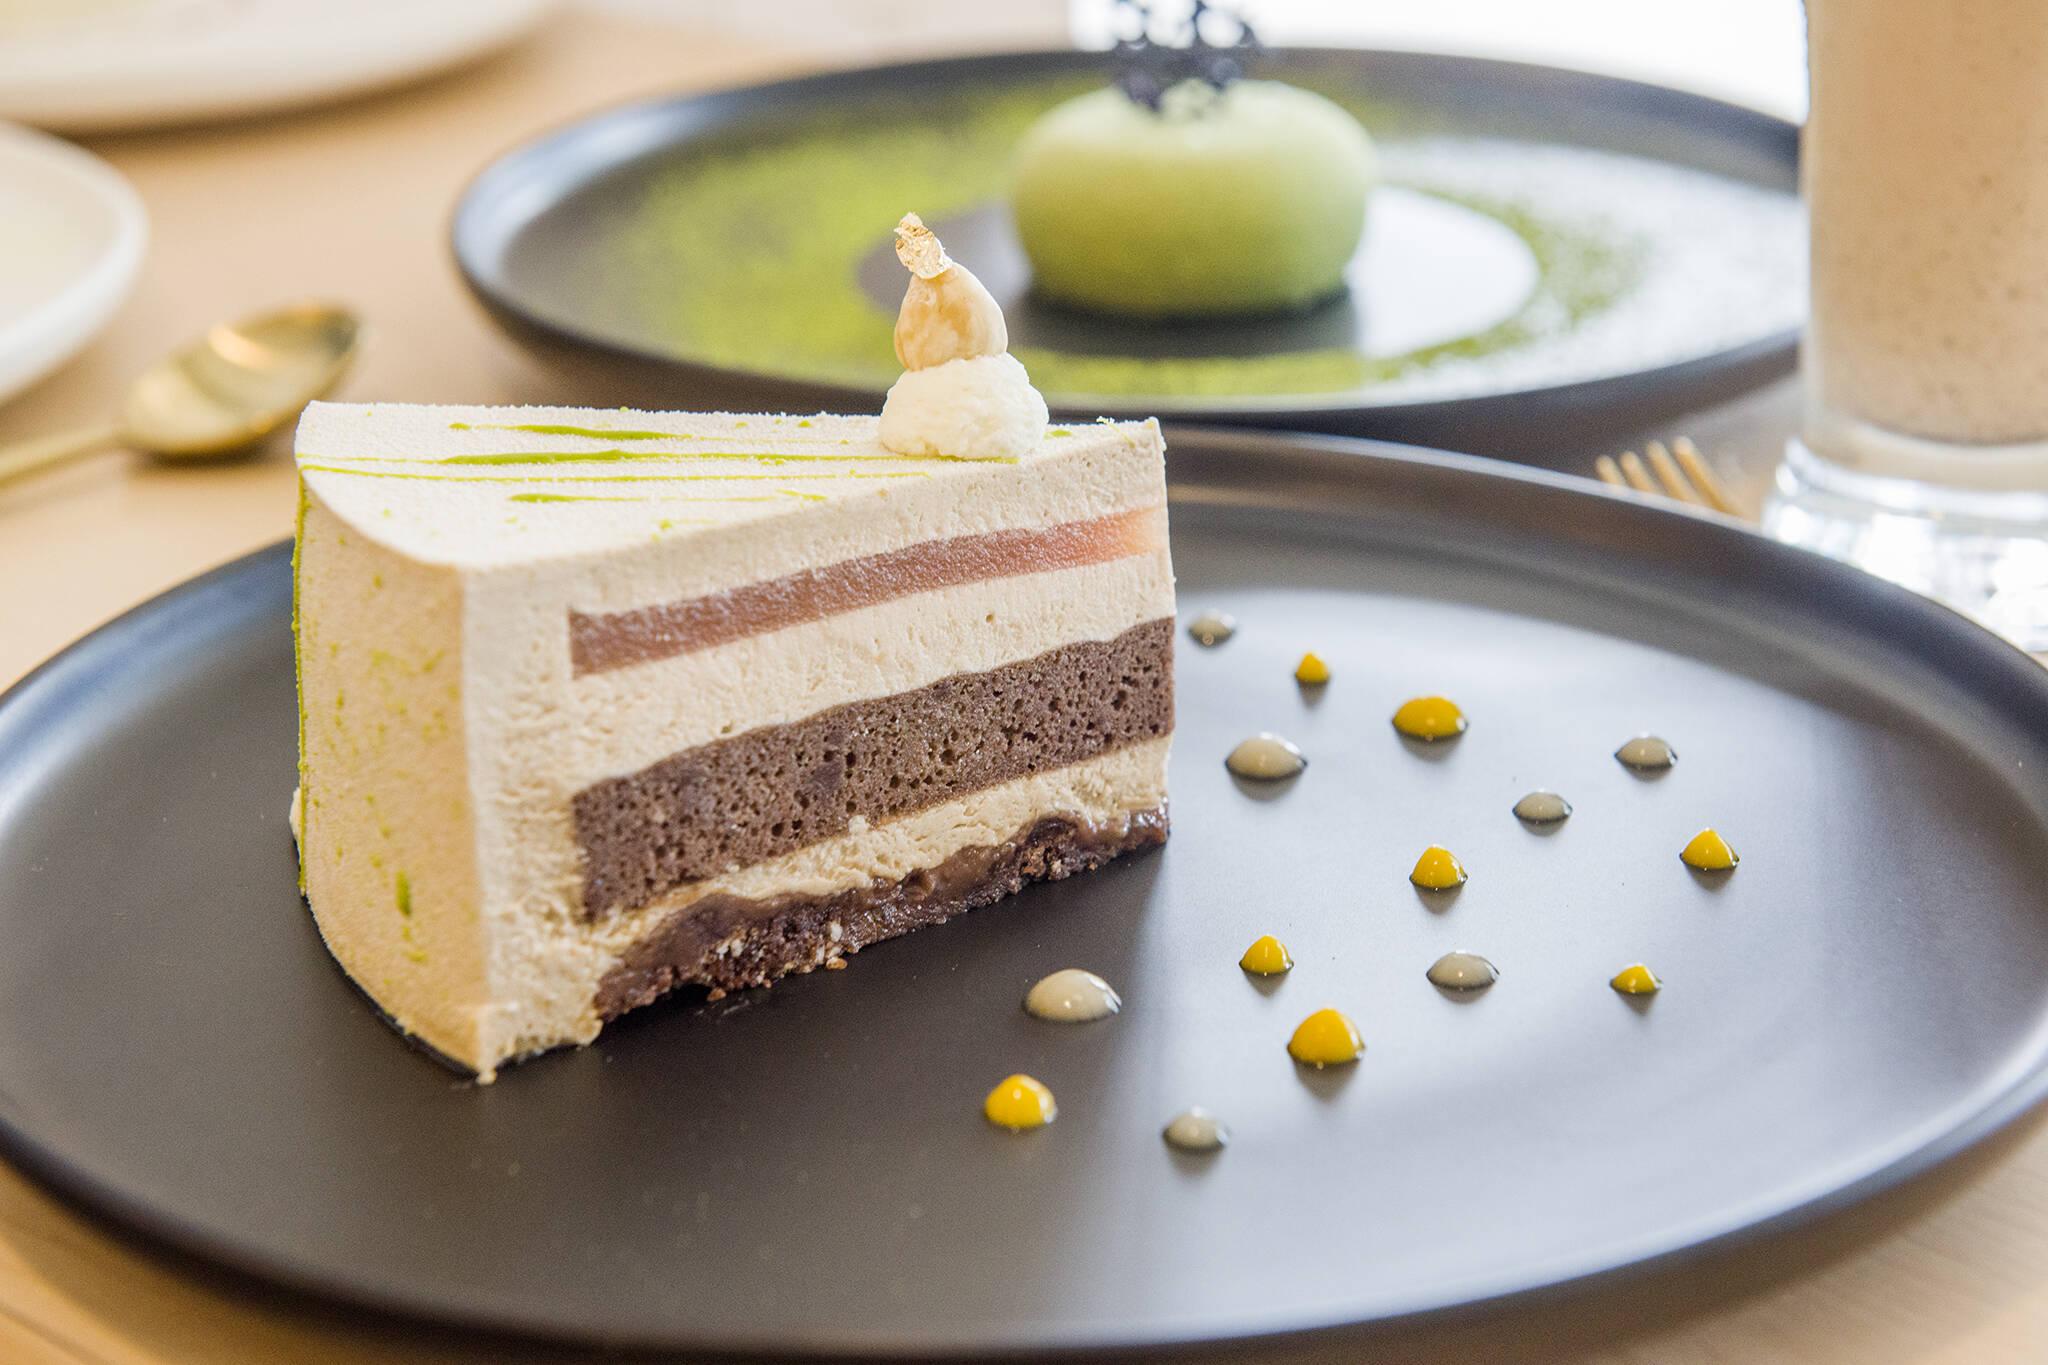 dessert cafe toronto